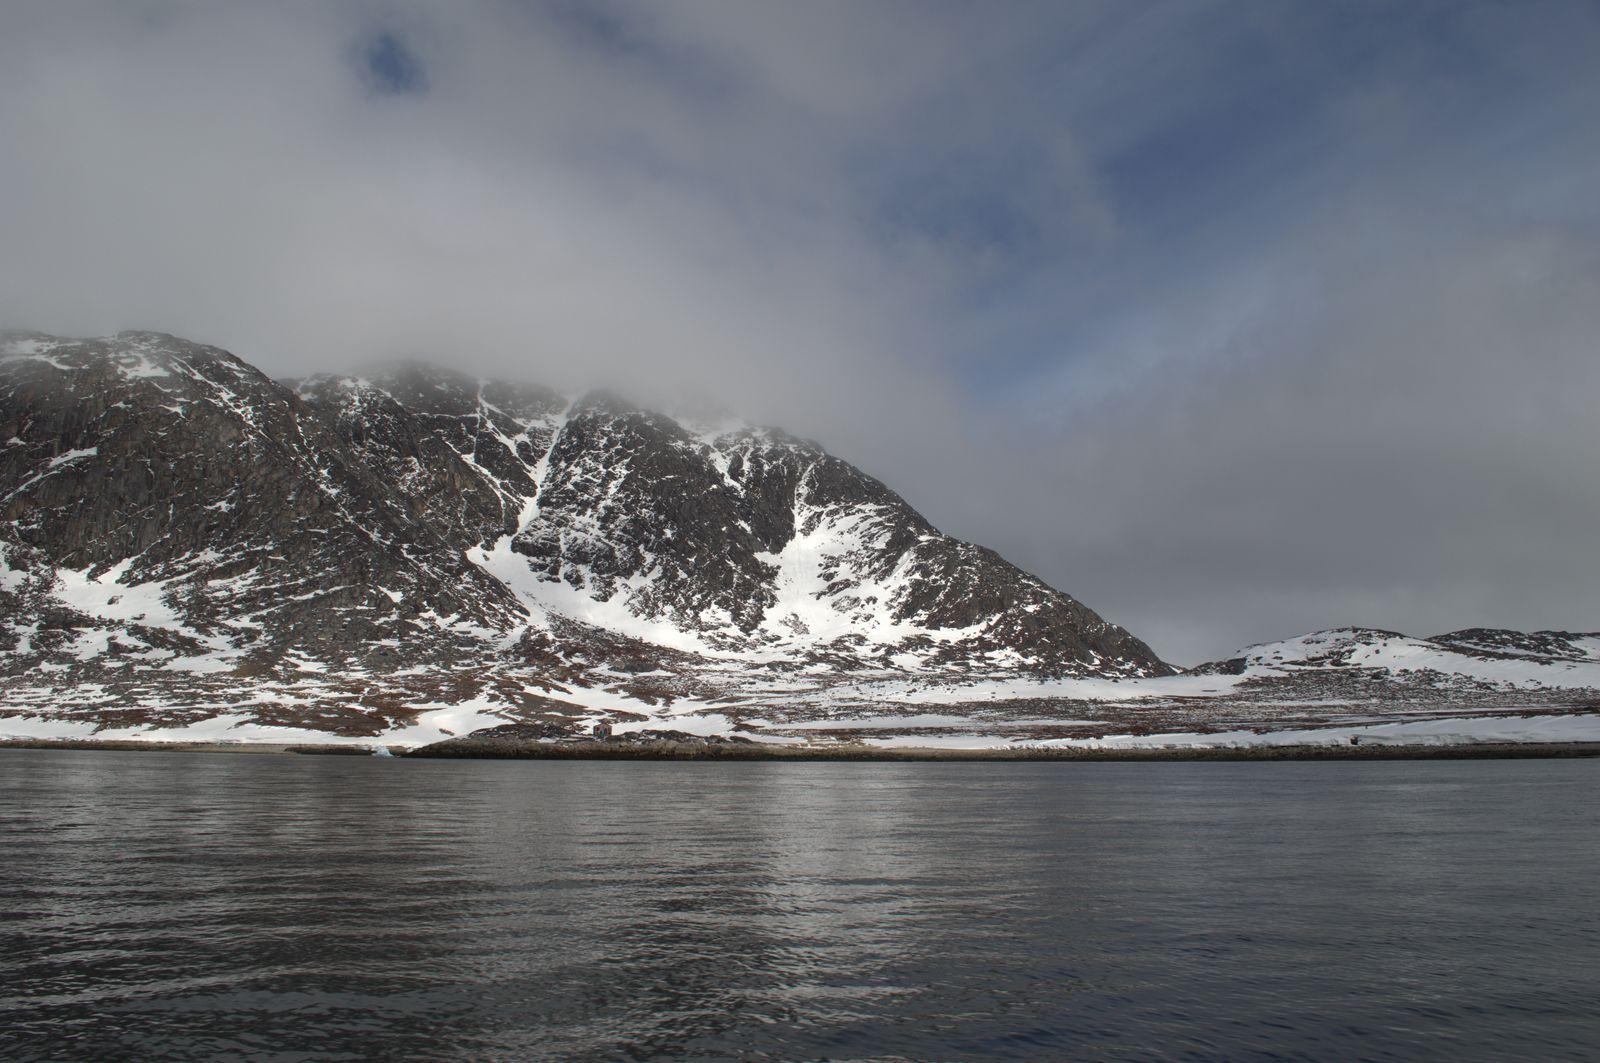 2014-05-16-1543_-_Gode_1_Timelapse-Nuuk-Buksefjord_2